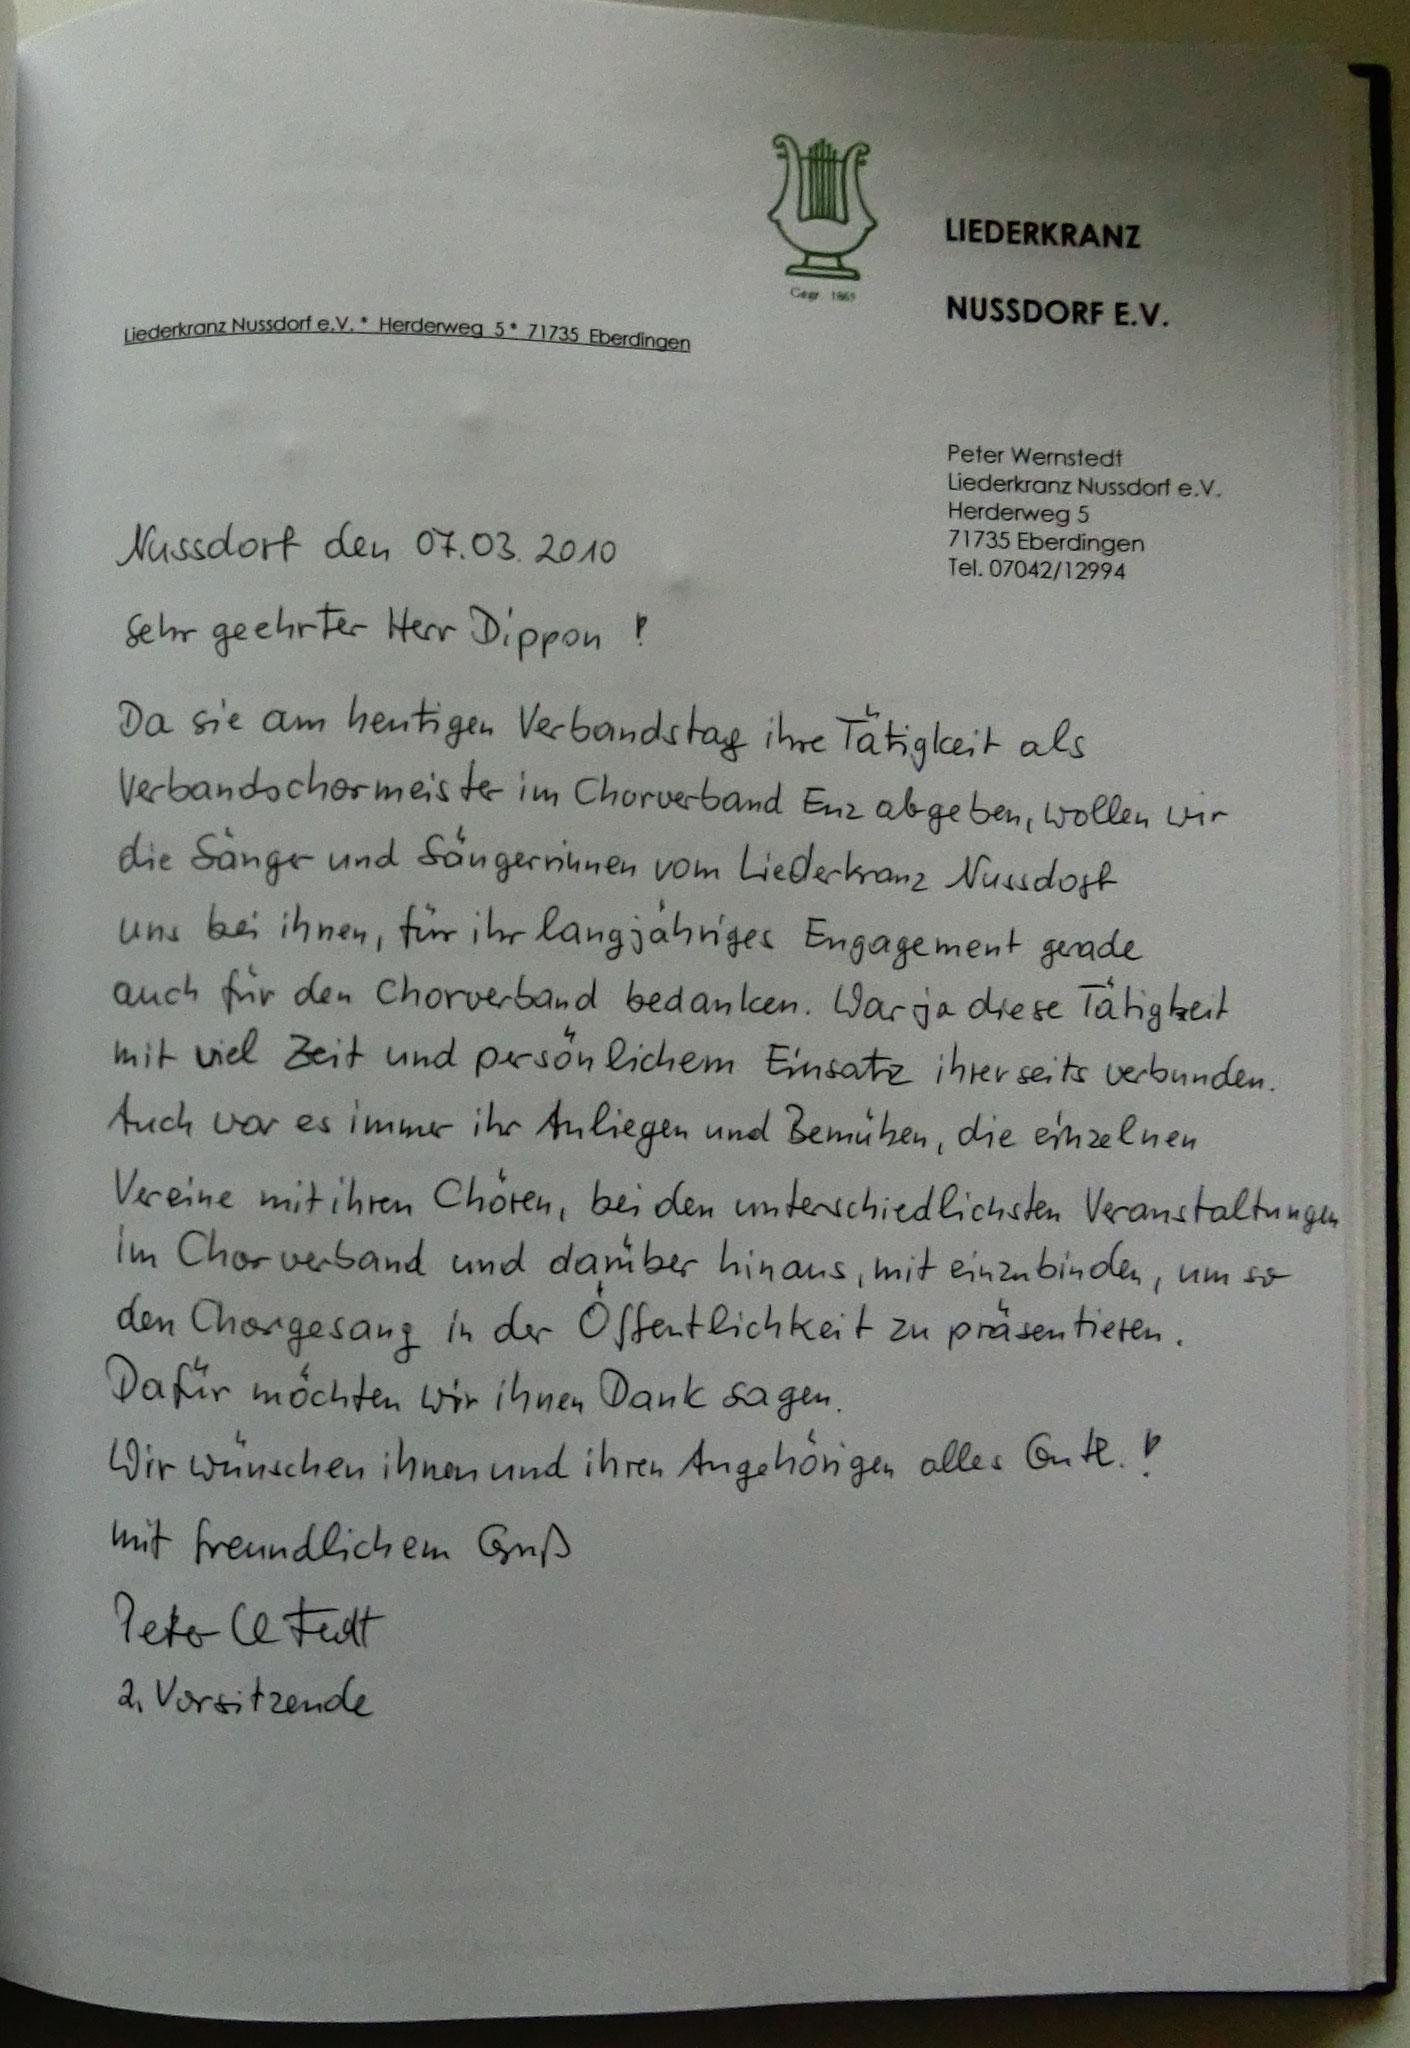 Liederkranz Nußdorf